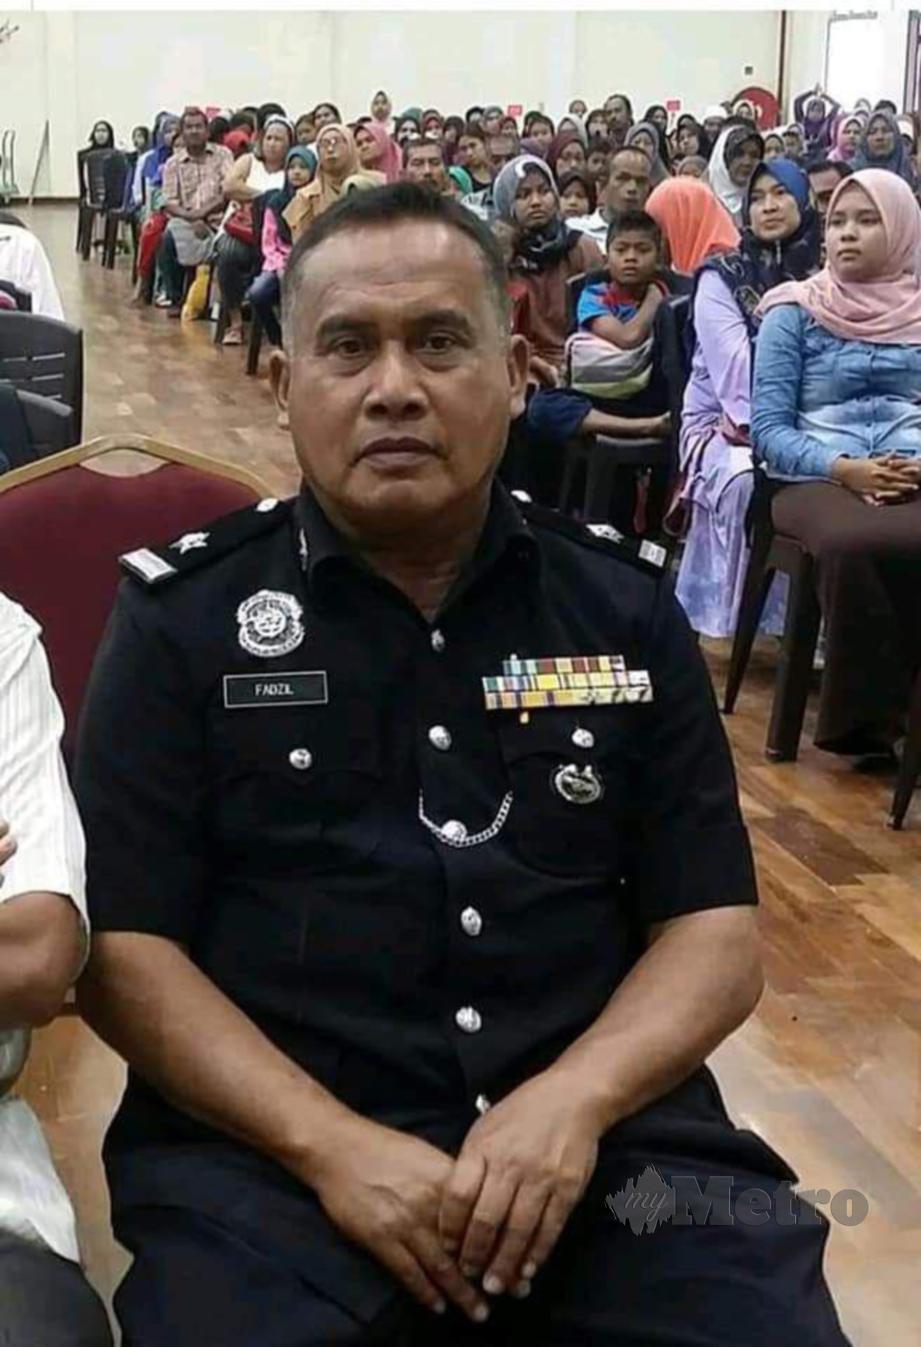 POLIS berpangkat Sub Inspektor, Fadzil Ahmad, 60, meninggal dunia selepas selesai solat Maghrib di Masjid Al-Wajdi Bukit Selambau, Sungai Petani, semalam. FOTO Ihsan Pembaca